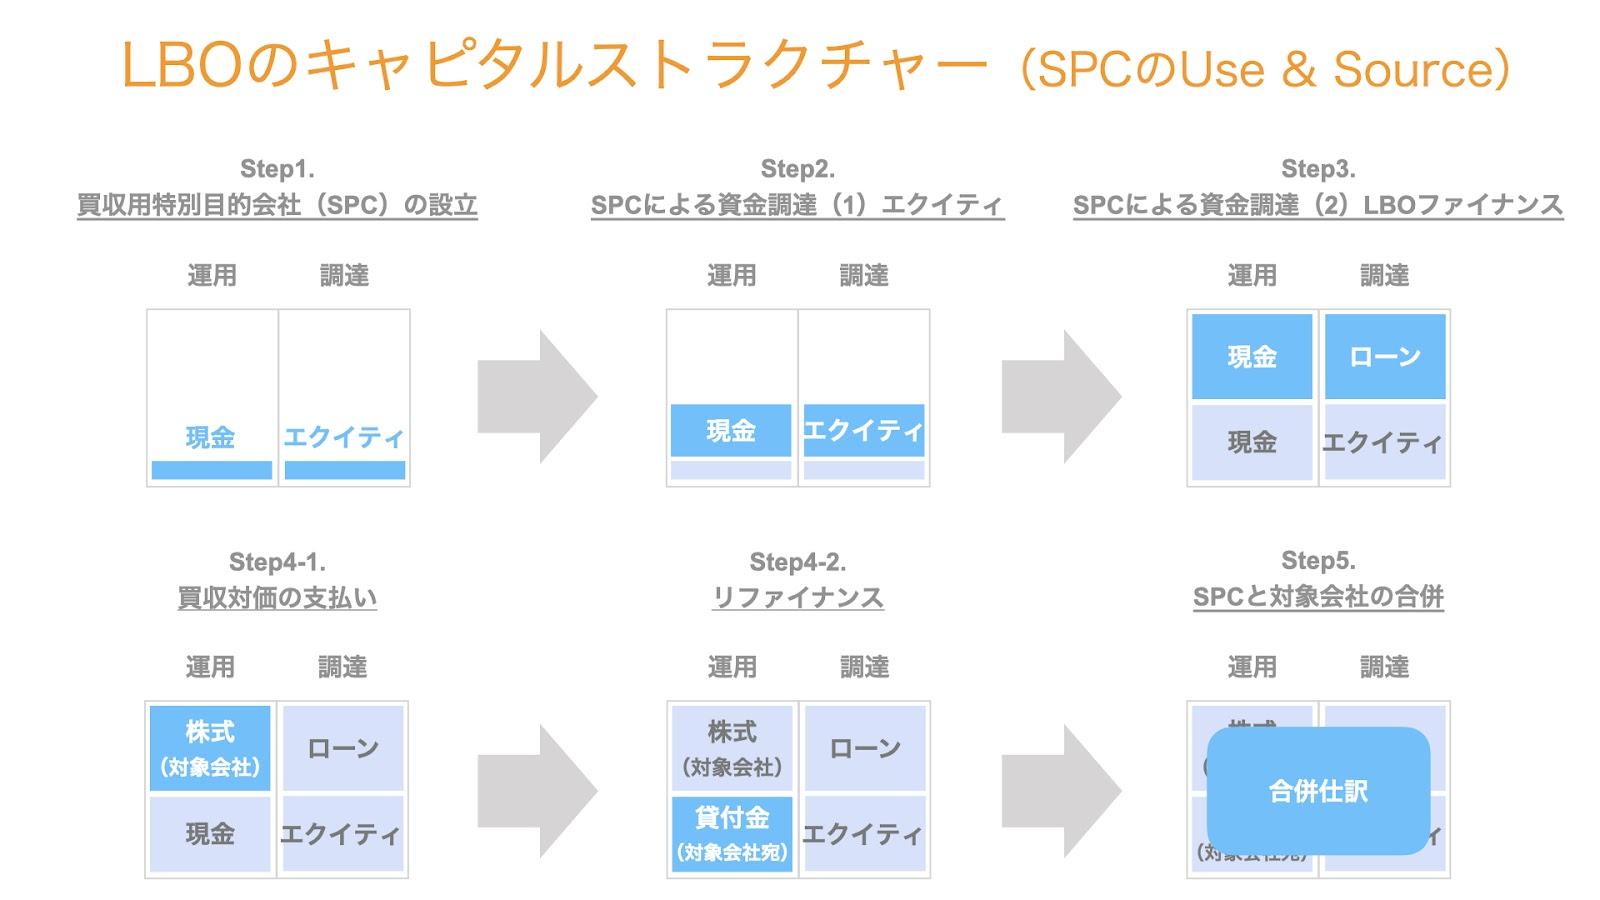 LBOのキャピタルストラクチャー(Use & Source)